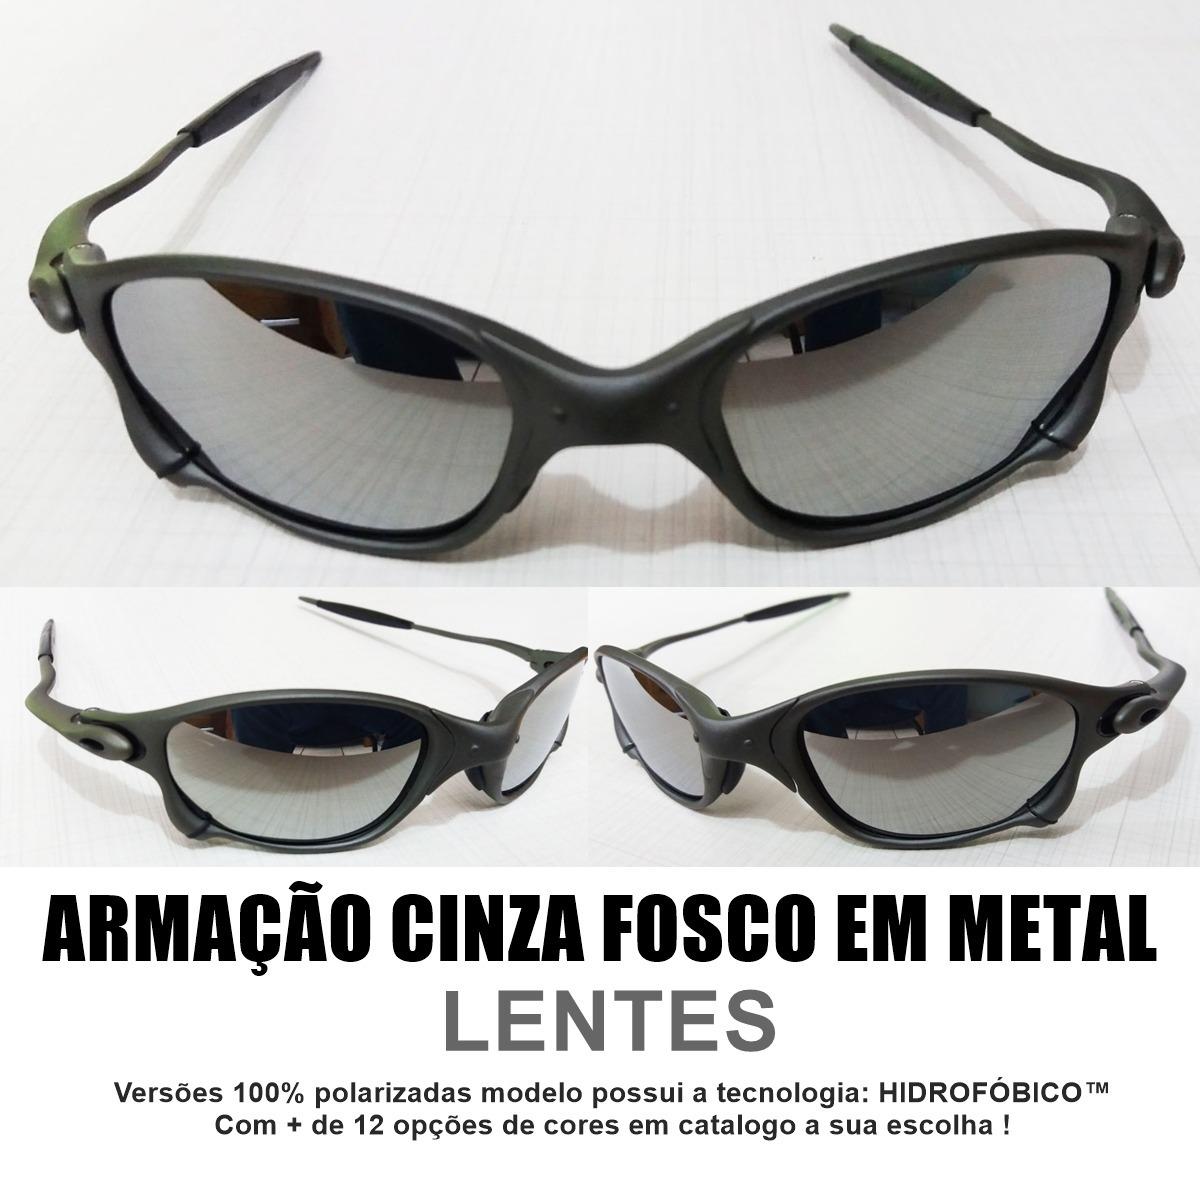 284b149608806 Óculos Oakley Dolble Xx Liquid Metal Juliet Penny Romeu 1 2 - R  120 ...